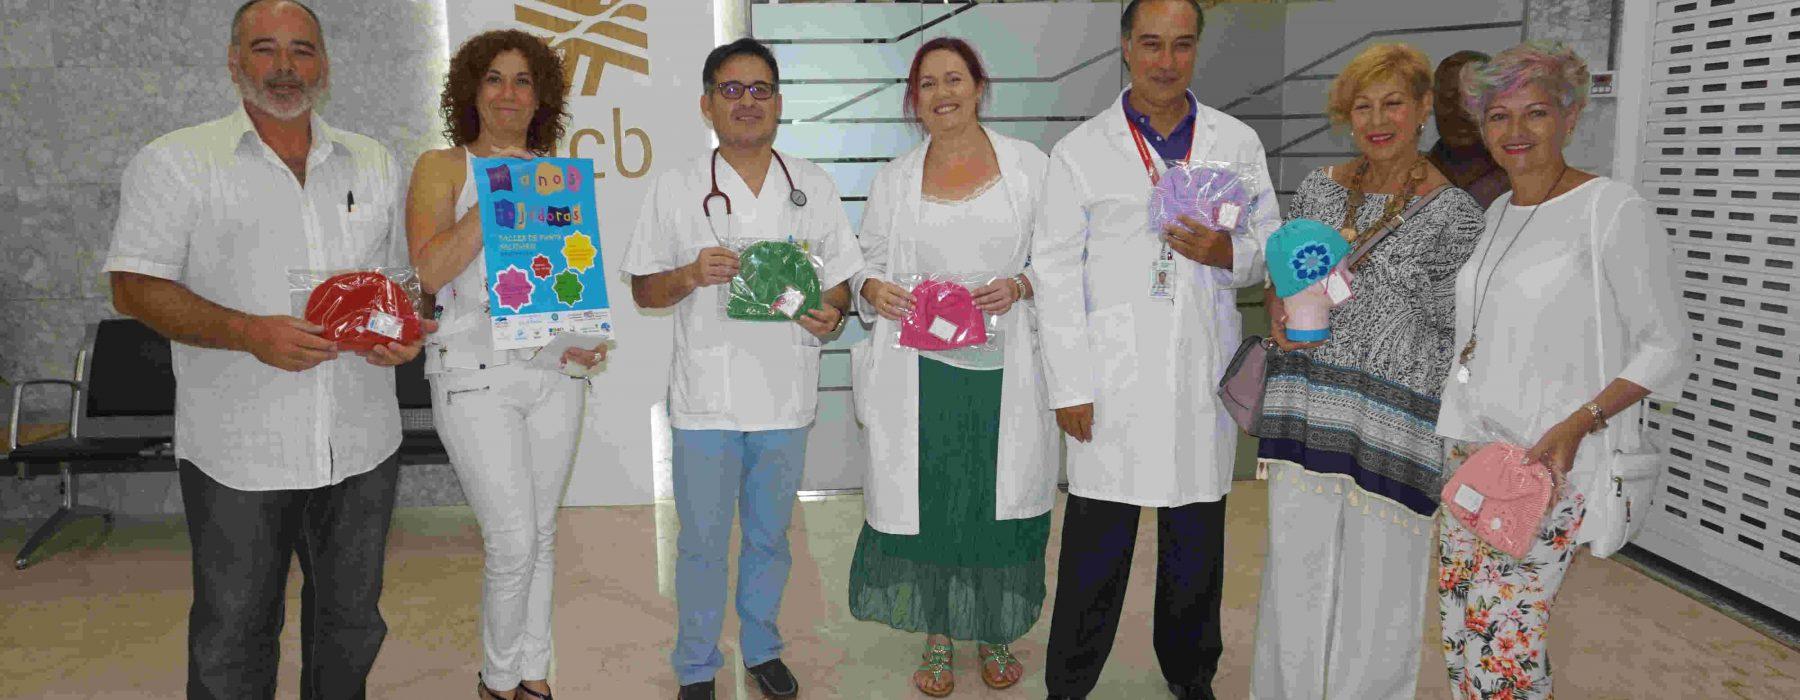 HCB se suma al proyecto solidario «Manos tejedoras»para confeccionar gorritos destinados a pacientes oncológicos